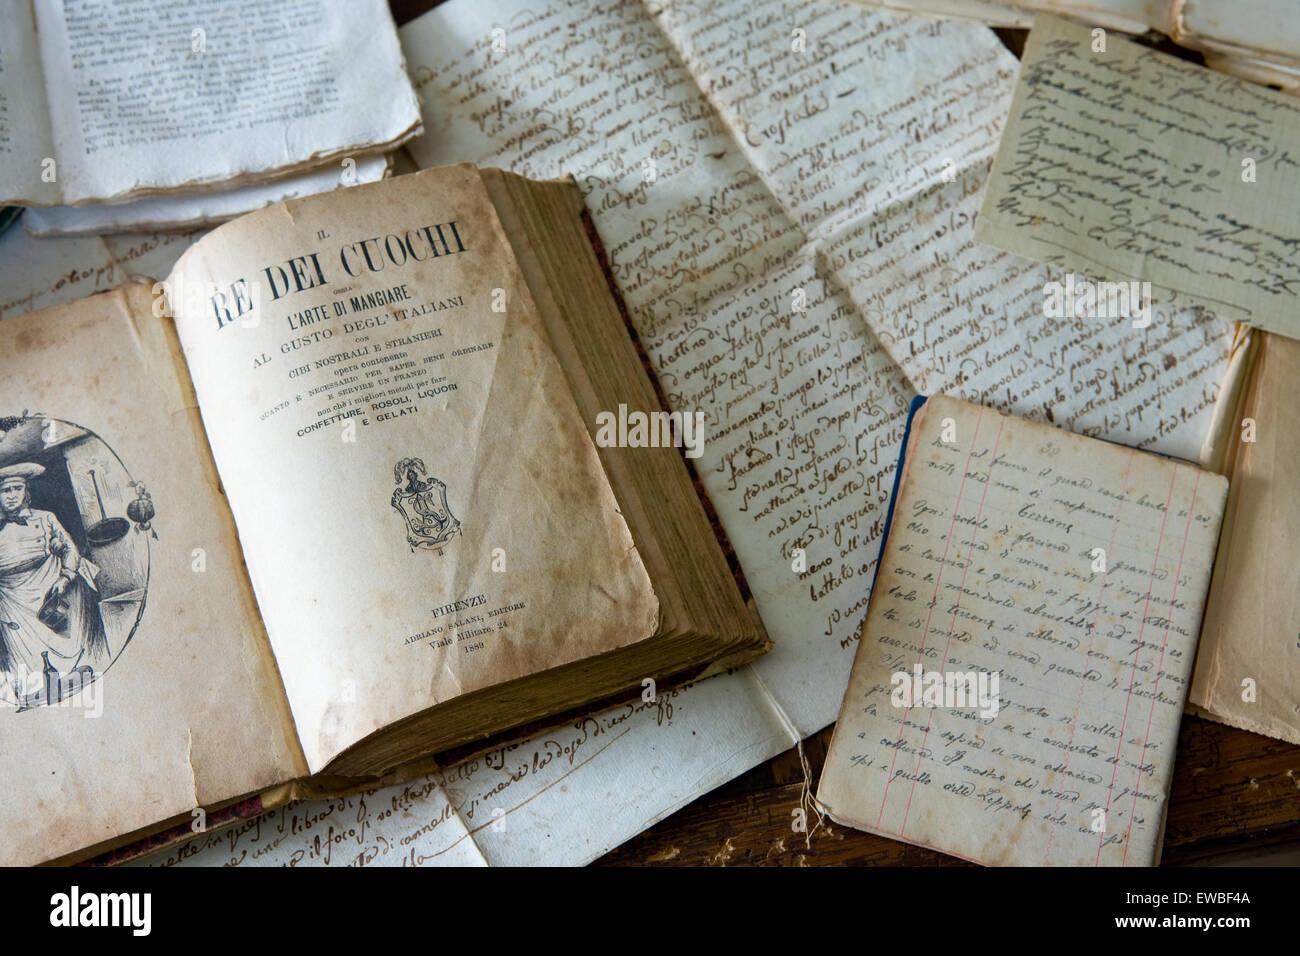 Sehr alte italienische Kochbuch mit handgeschriebenen Rezepte Stockbild